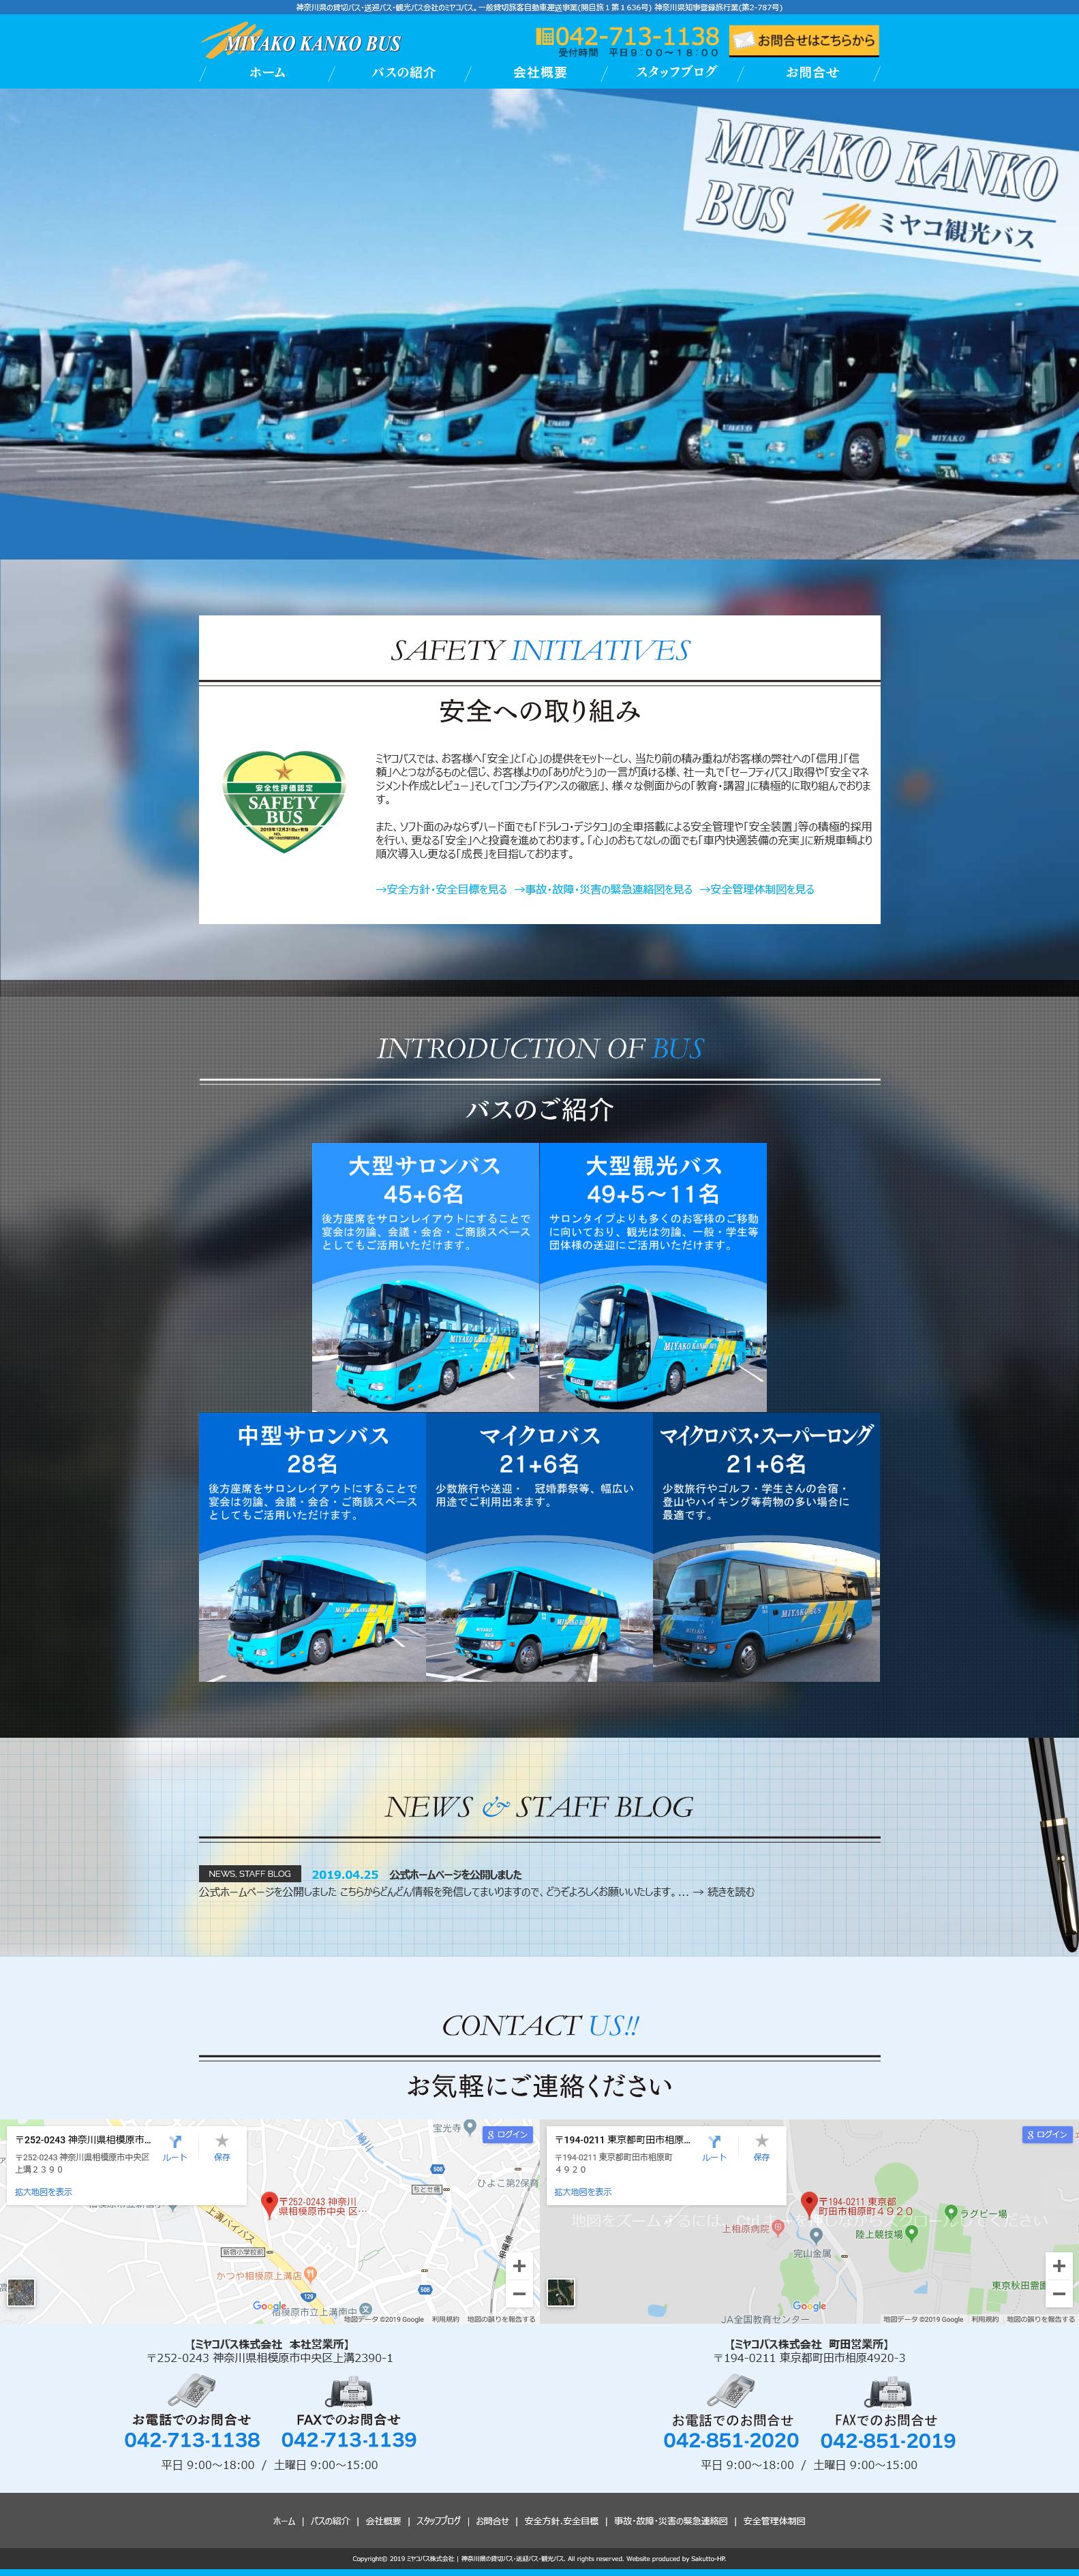 この度、ホームページ作成|東京|さくっとホームページ作成では神奈川県で貸切バス・送迎バス・観光バスを運営している「ミヤコバス様の公式ホームページ」を作成し、2019年4月25日一般公開を開始しました。